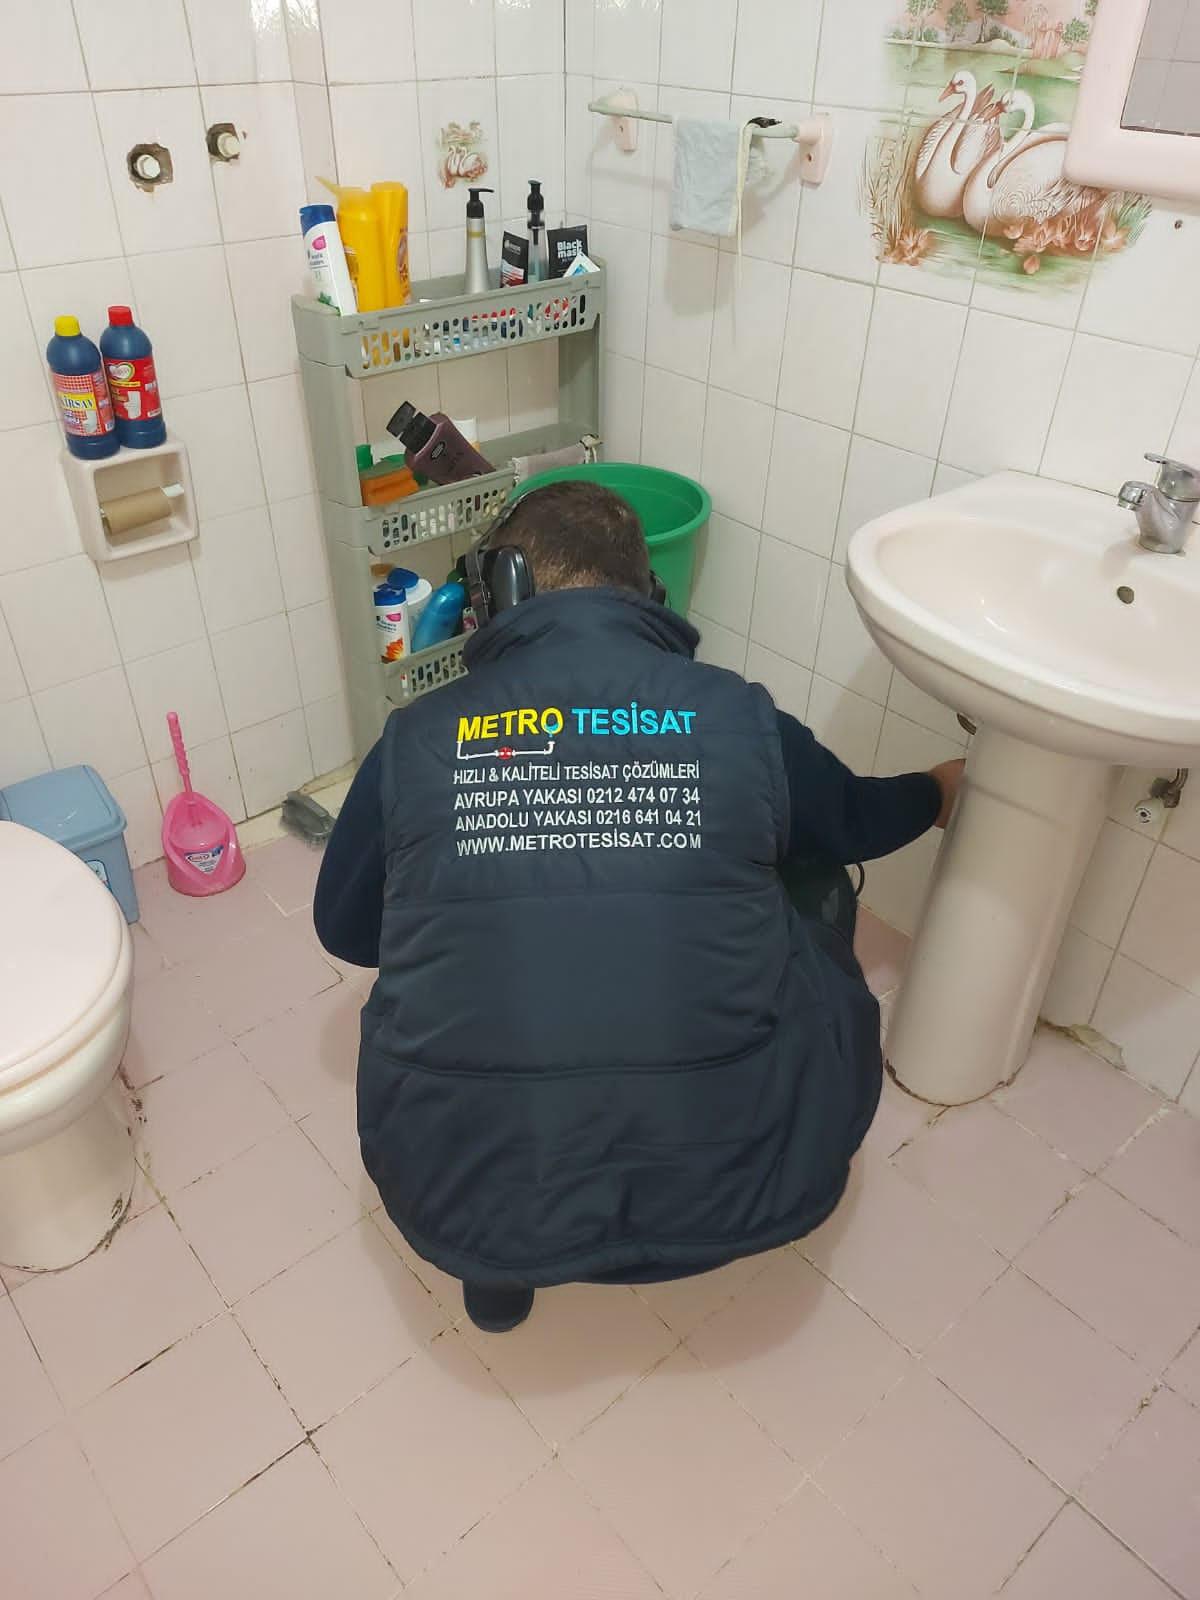 Beylikdüzü Tuvalet Tıkanıklığı Açma, Beylikdüzü Tıkanıklık Açma, Beylikdüzü Kırmadan Tıkanıklık Açma, Beylikdüzü Lavabo Tıkanıklığı